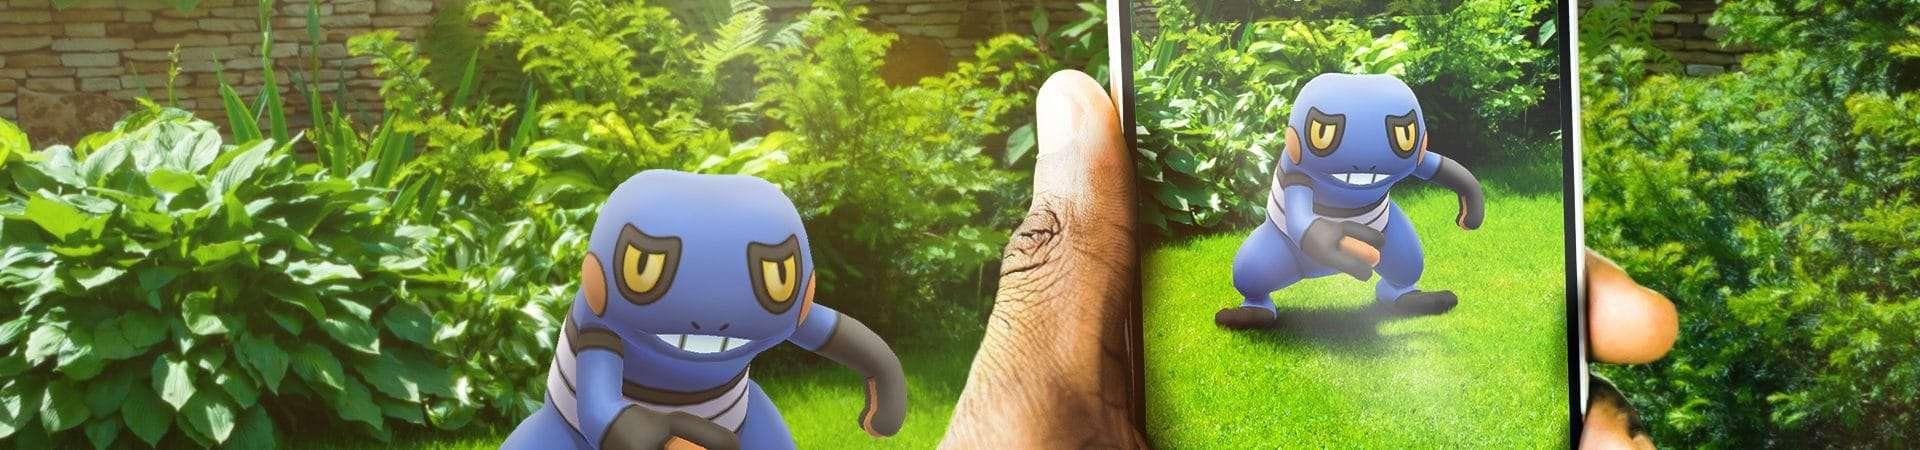 Imagem promocional de Pokémon Go mostra smartphone exibindo imagem do pokémon Croagunk em realidade aumentada.